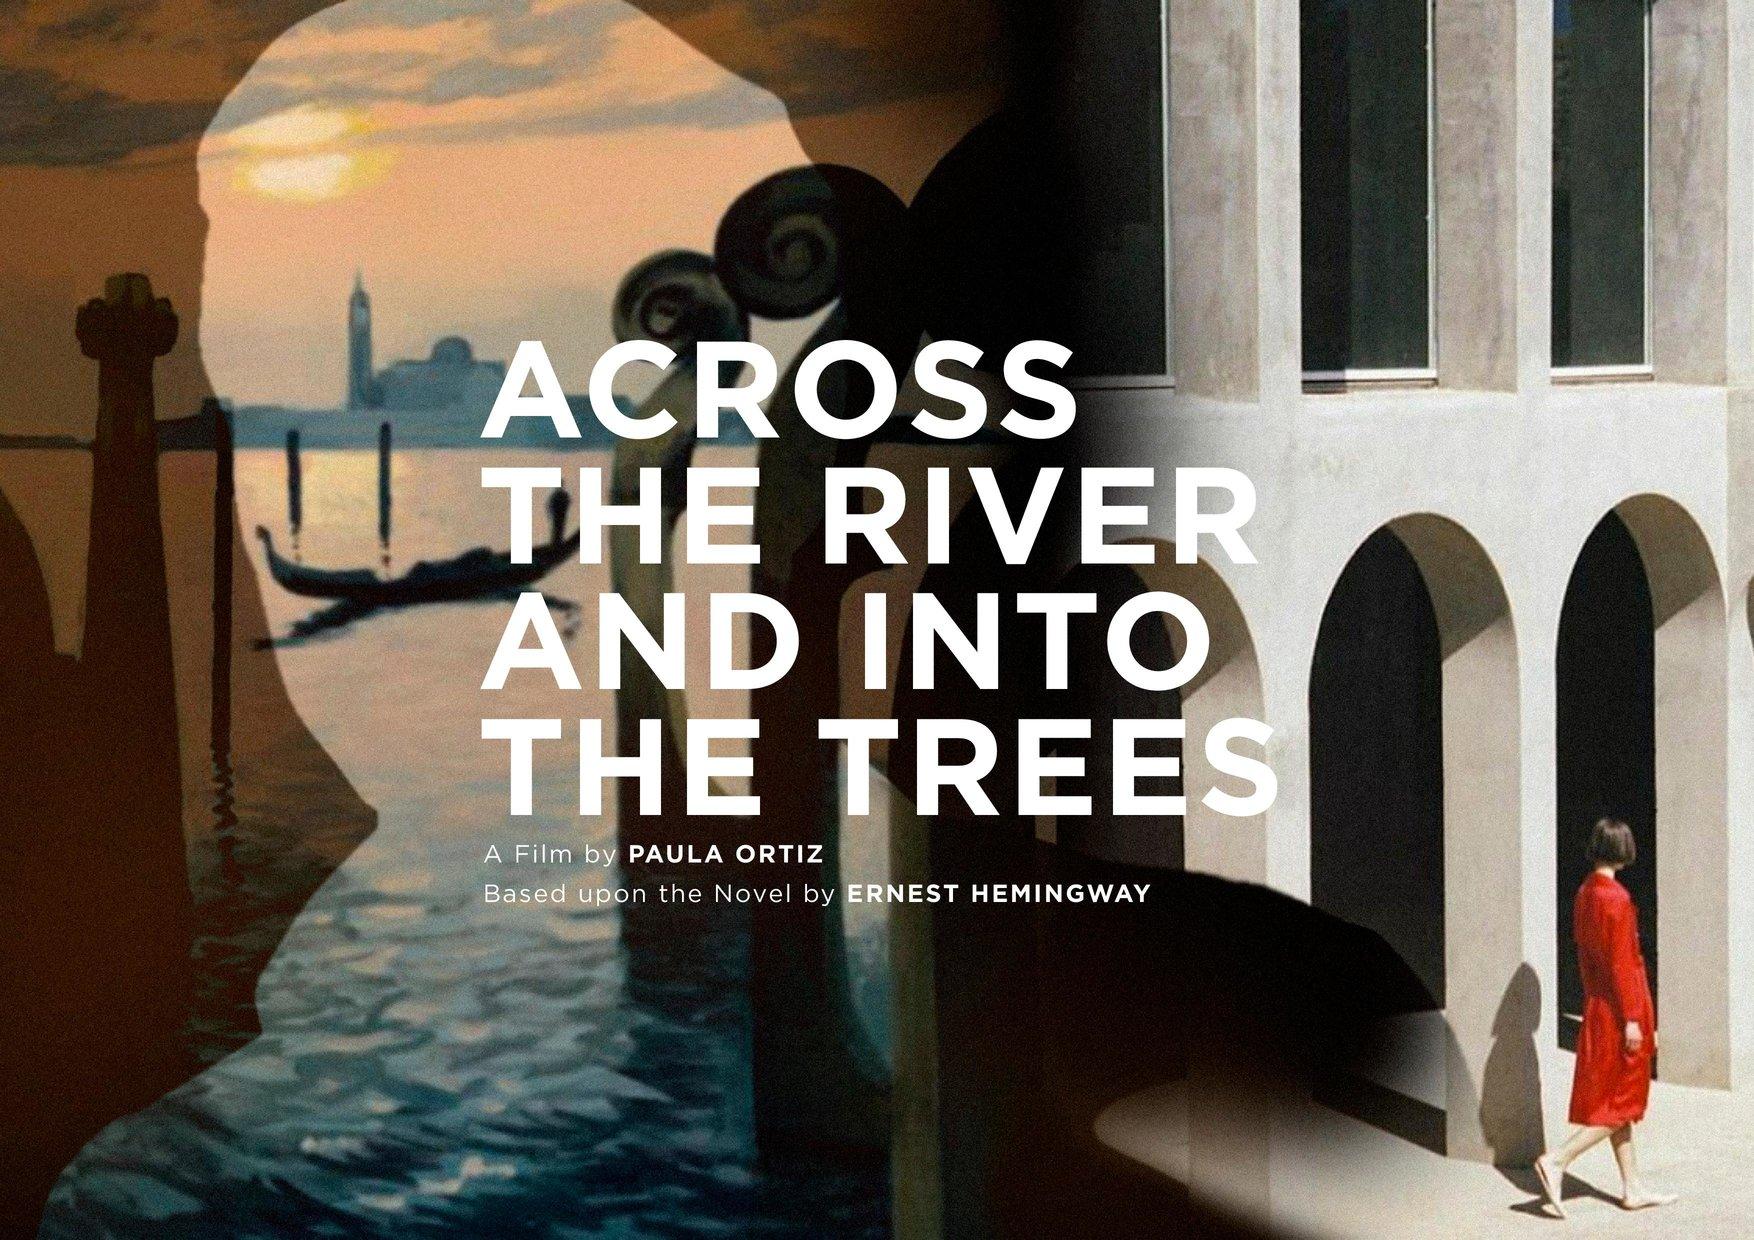 ACROSS THE RIVER AND INTO THE TREES, fine riprese per il film con LievSchreiber eMatilda De Angelis zerkalo spettacolo